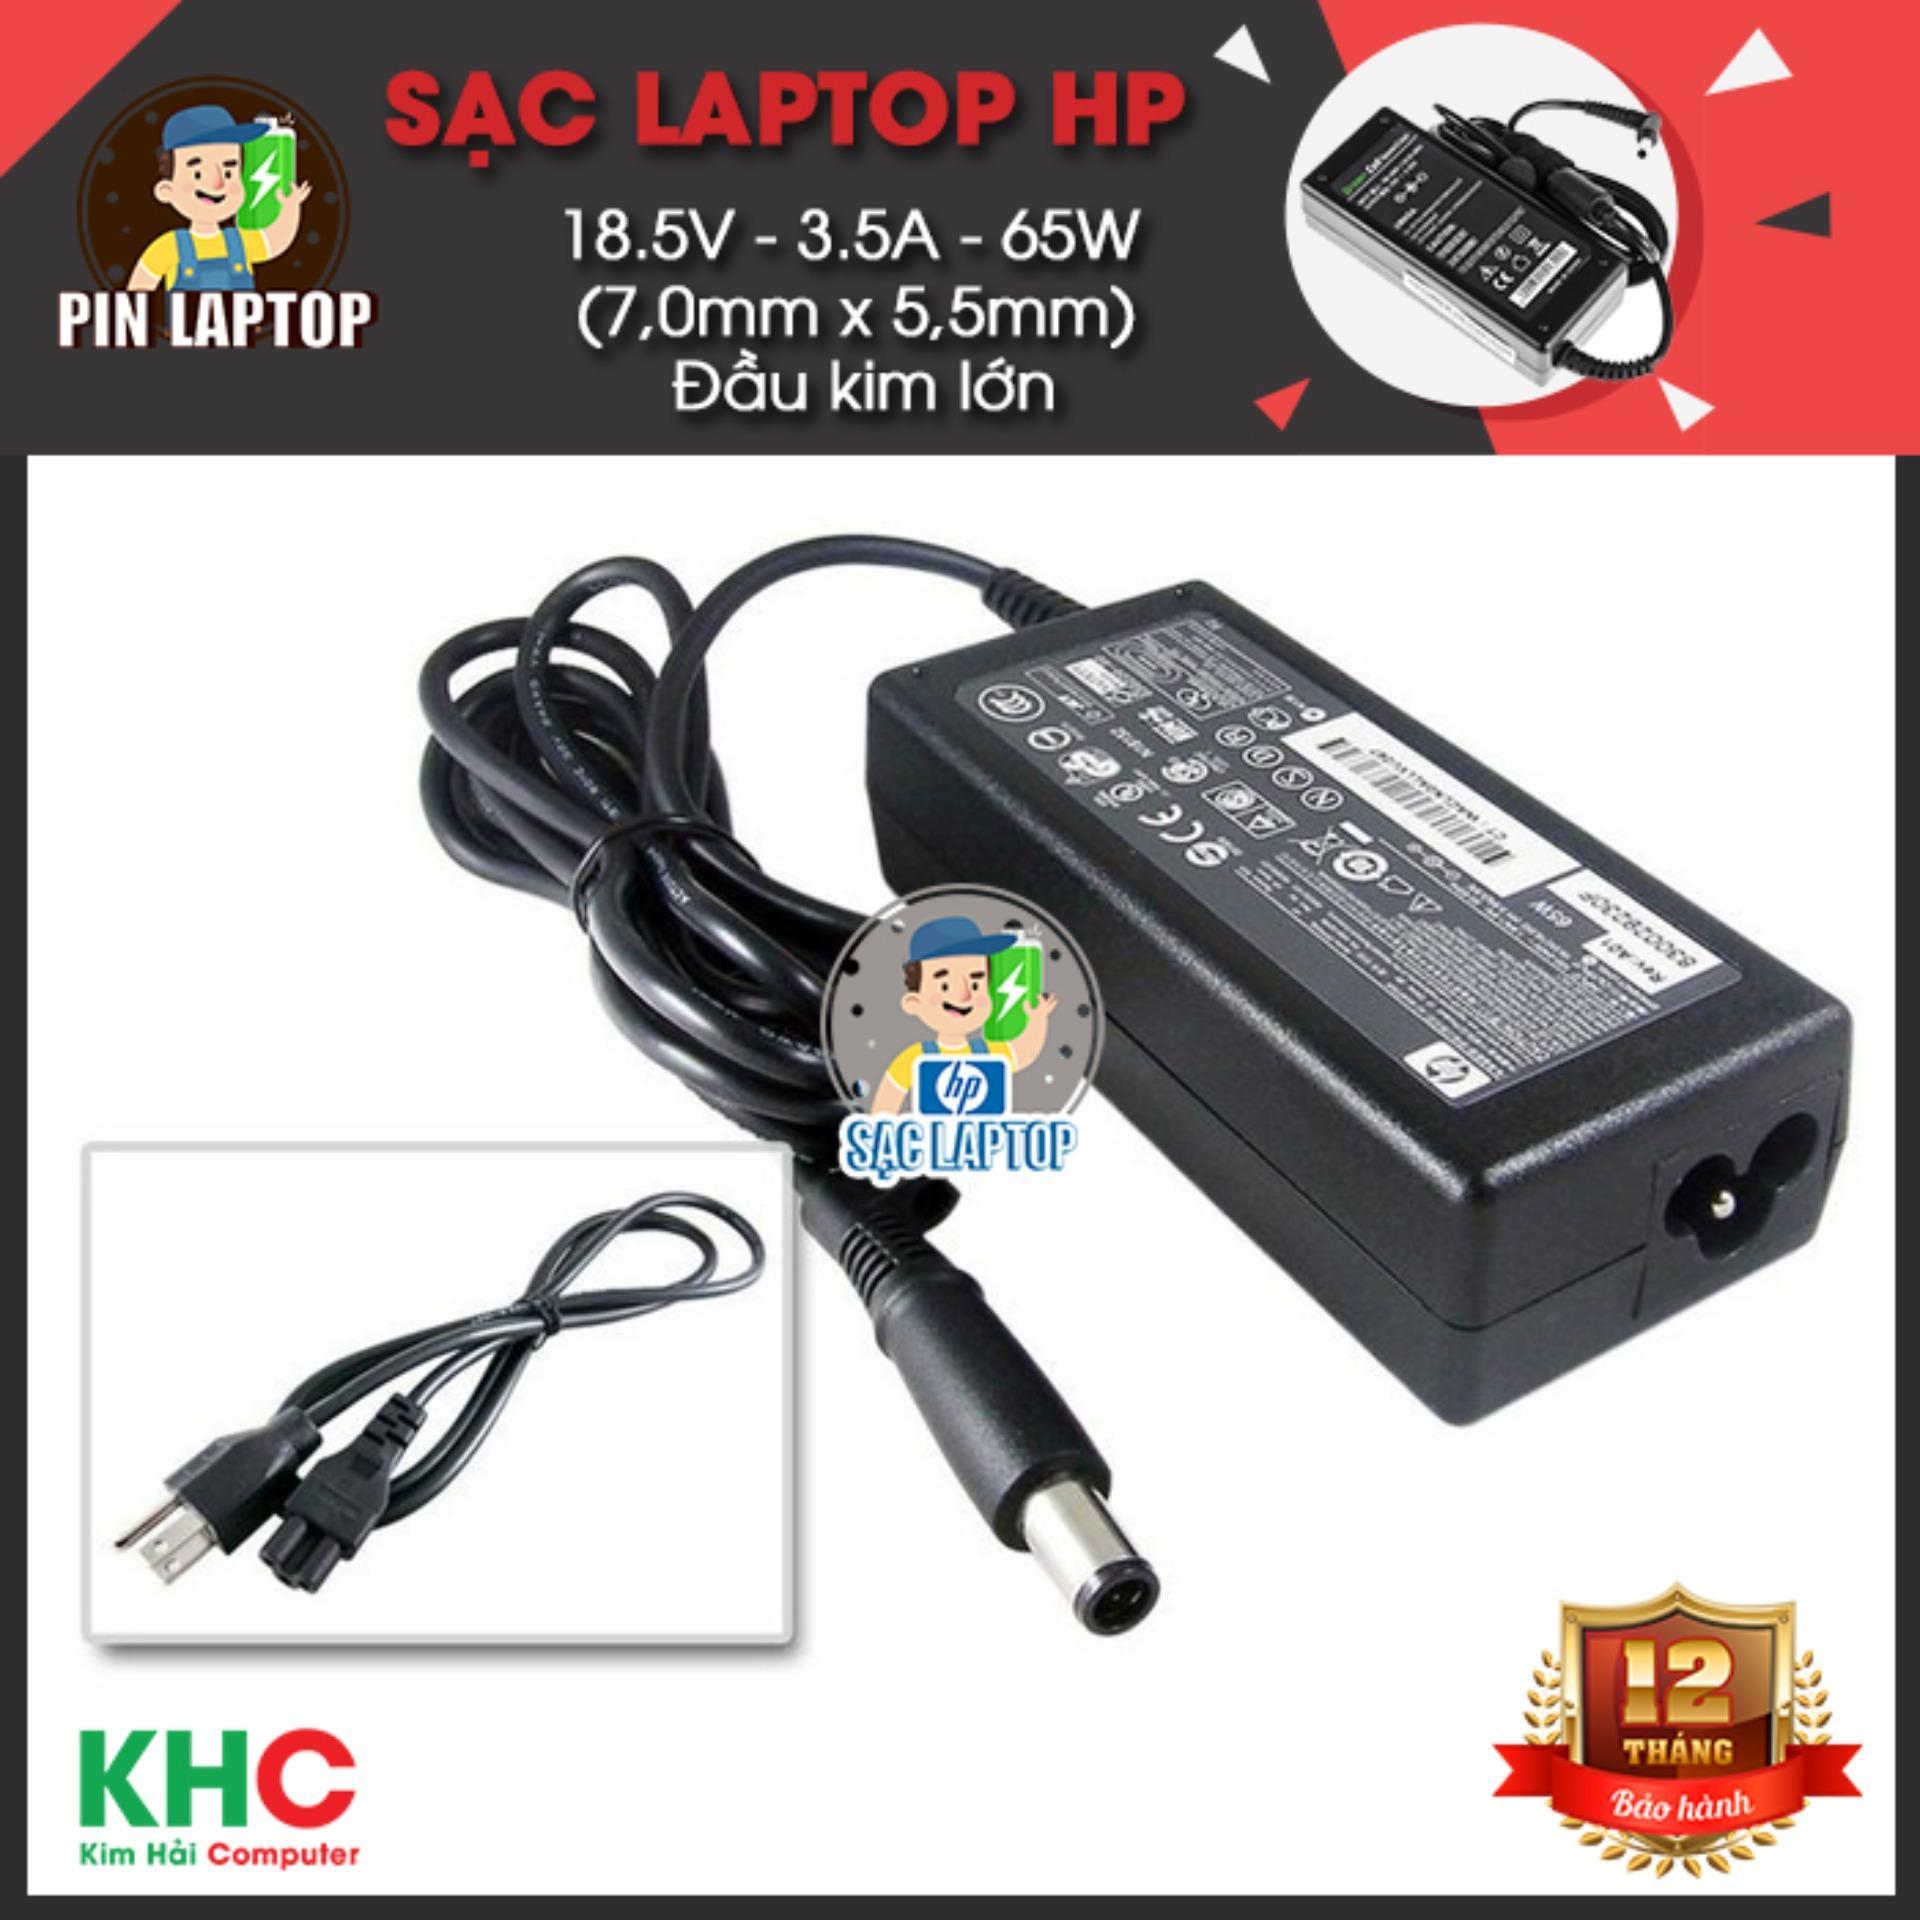 Mua Sạc Laptop Hp 18 5V 3 5A 65W 7 0Mm X 5 5Mm Đầu Kim Lớn Hồ Chí Minh